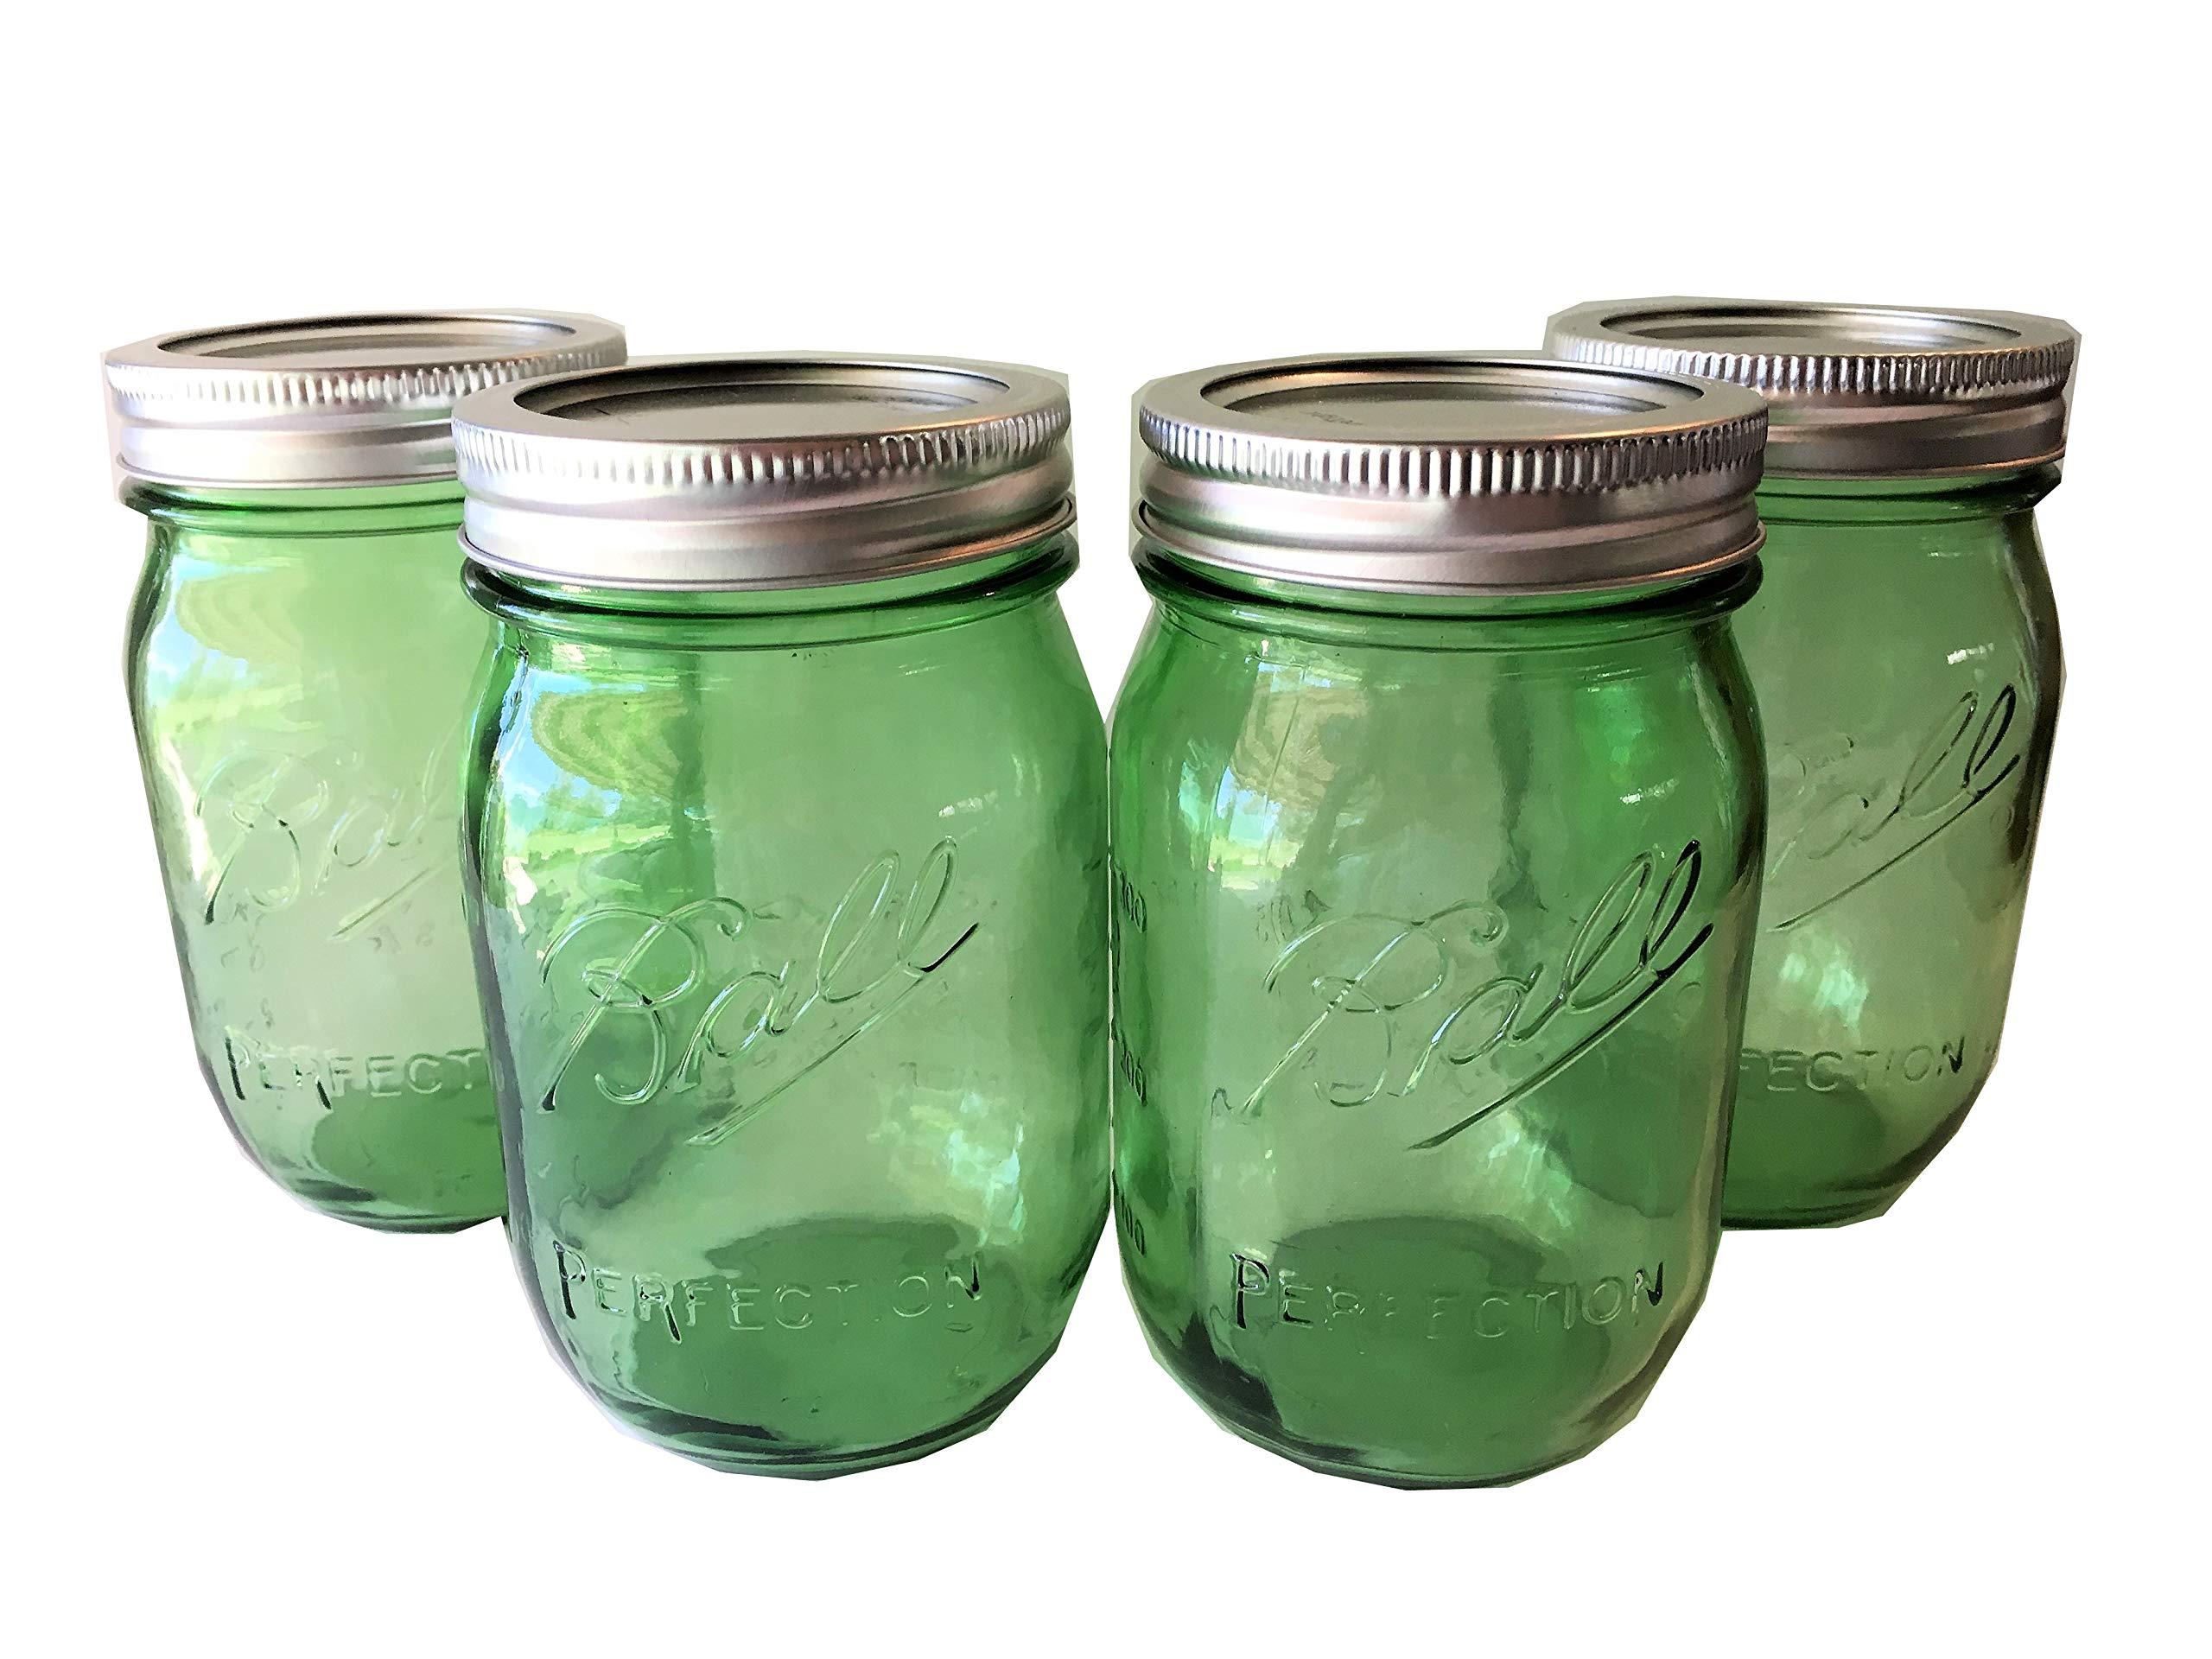 Ball Mason Jar-16 oz. Green Glass Heritage Collection - Set of 4